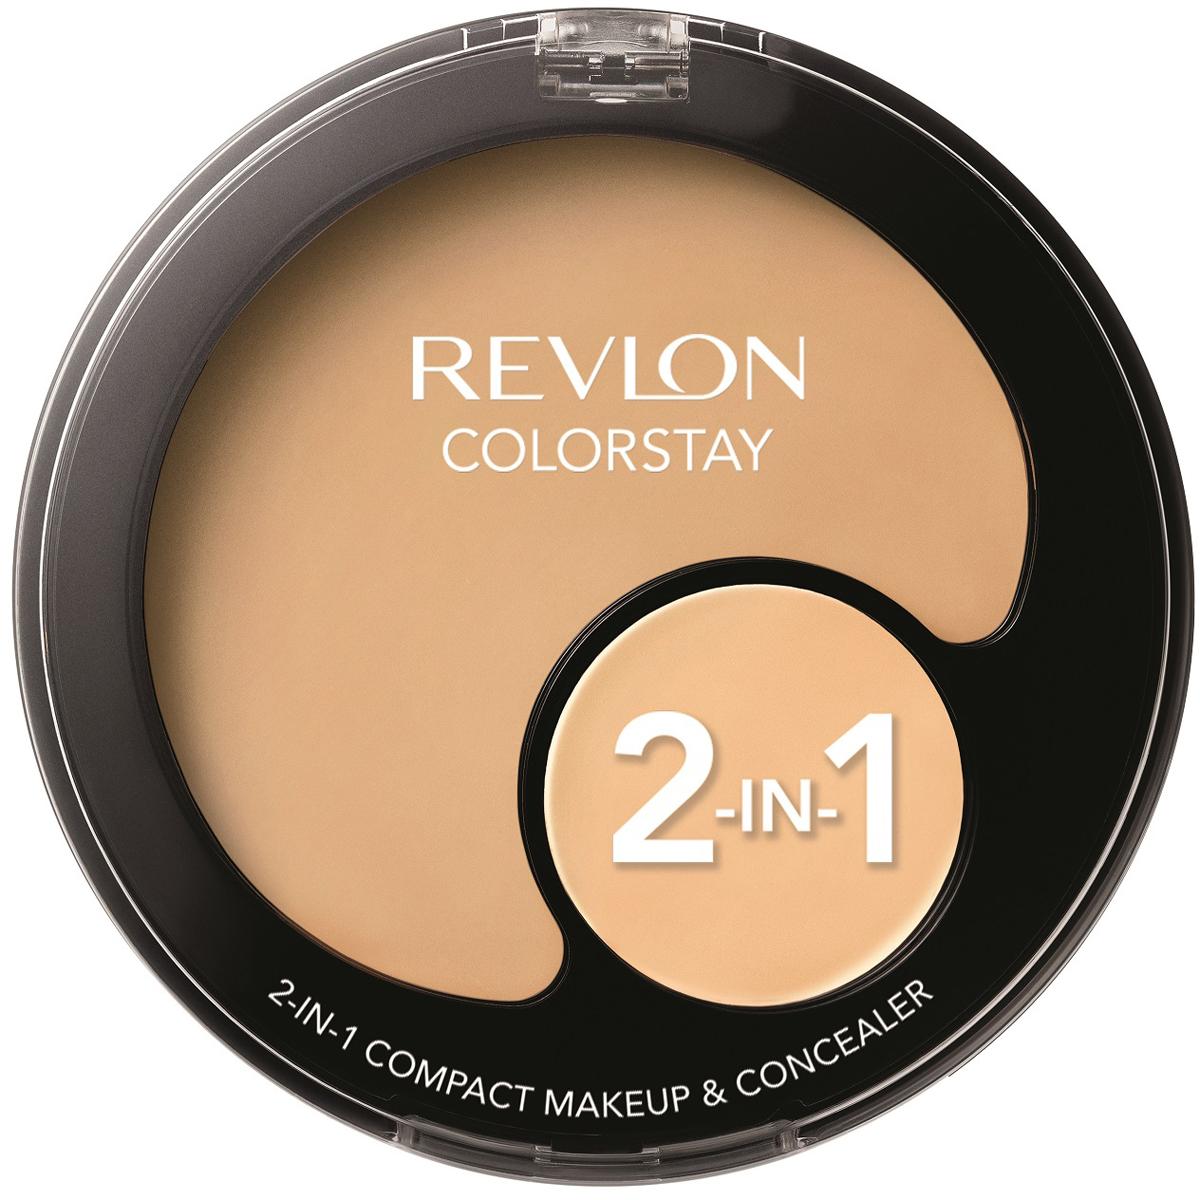 Revlon Тональная основа + консилер 2 в 1 colorstay, тон №150, 11 г7213147010Твой идеальный тон лица вместе с Revlon Colorstay 2 in 1. Тональная основа + консилер. Удобно вдвойне.